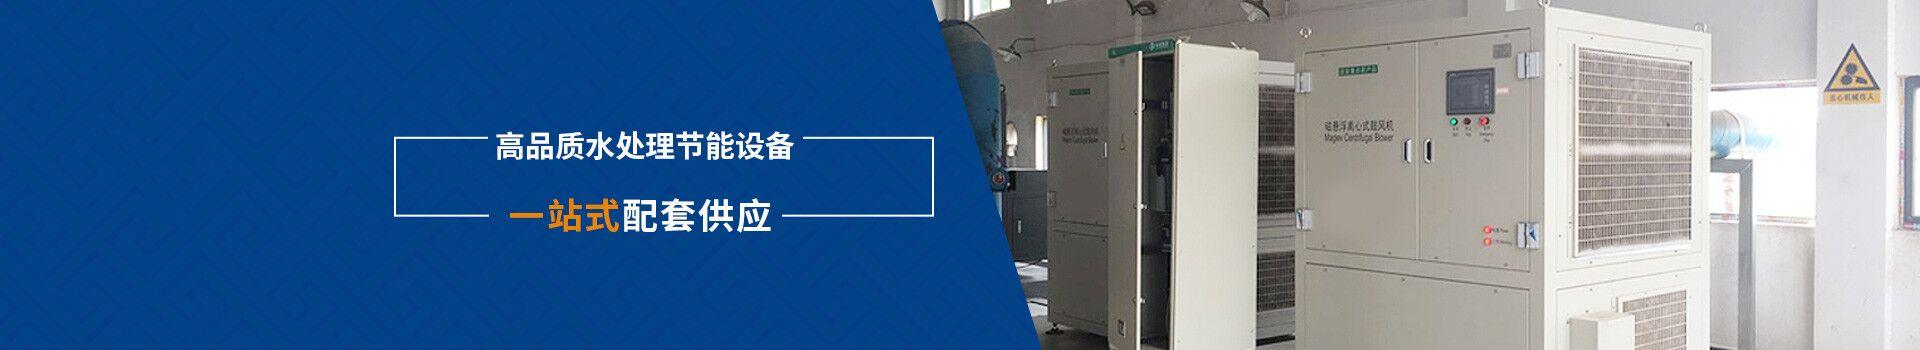 弗洛德高品质水处理节能设备、一站式配套供应